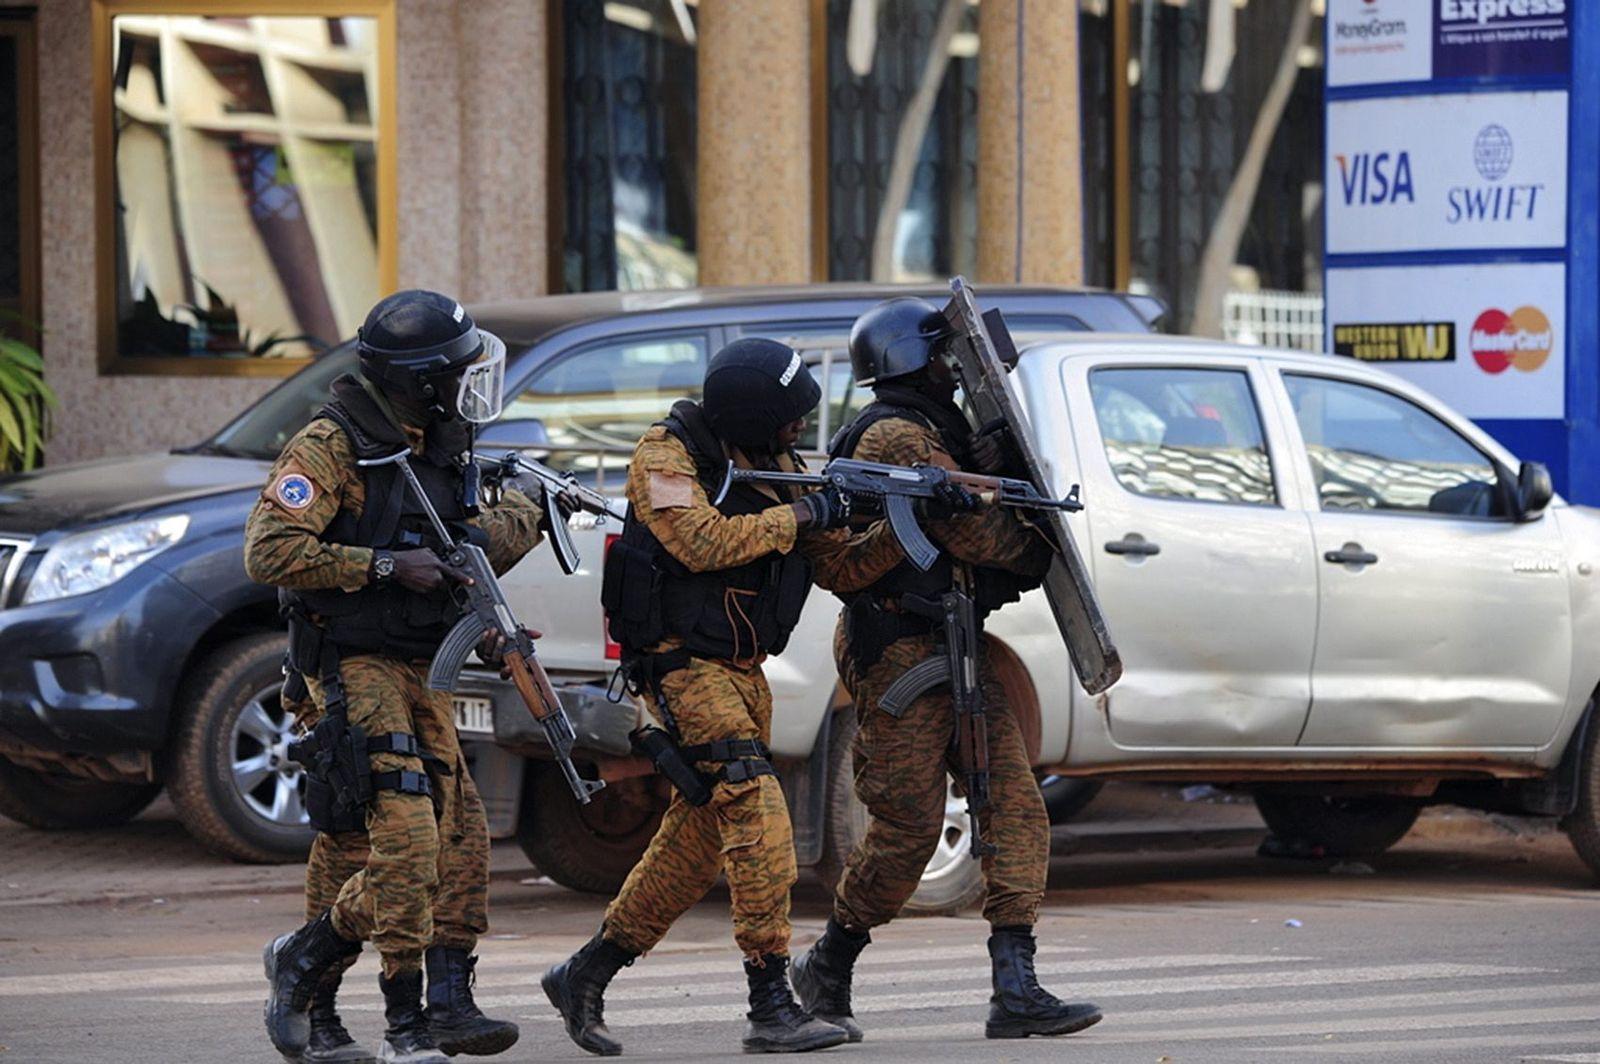 Burkina Faso / Ouagadougou / Anschlag / Hotel